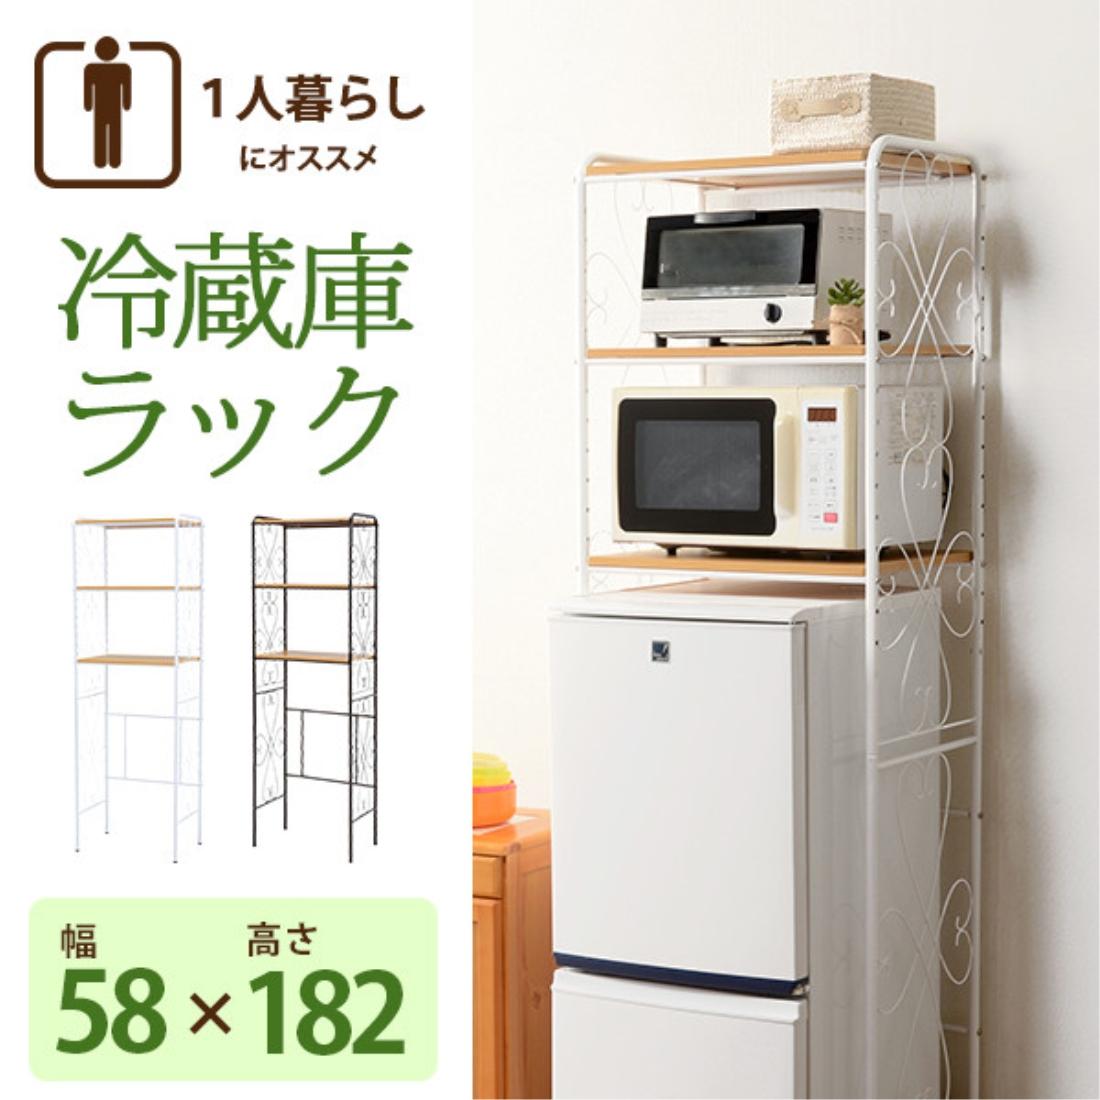 冷蔵庫ラック キッチン ラック ブラウン